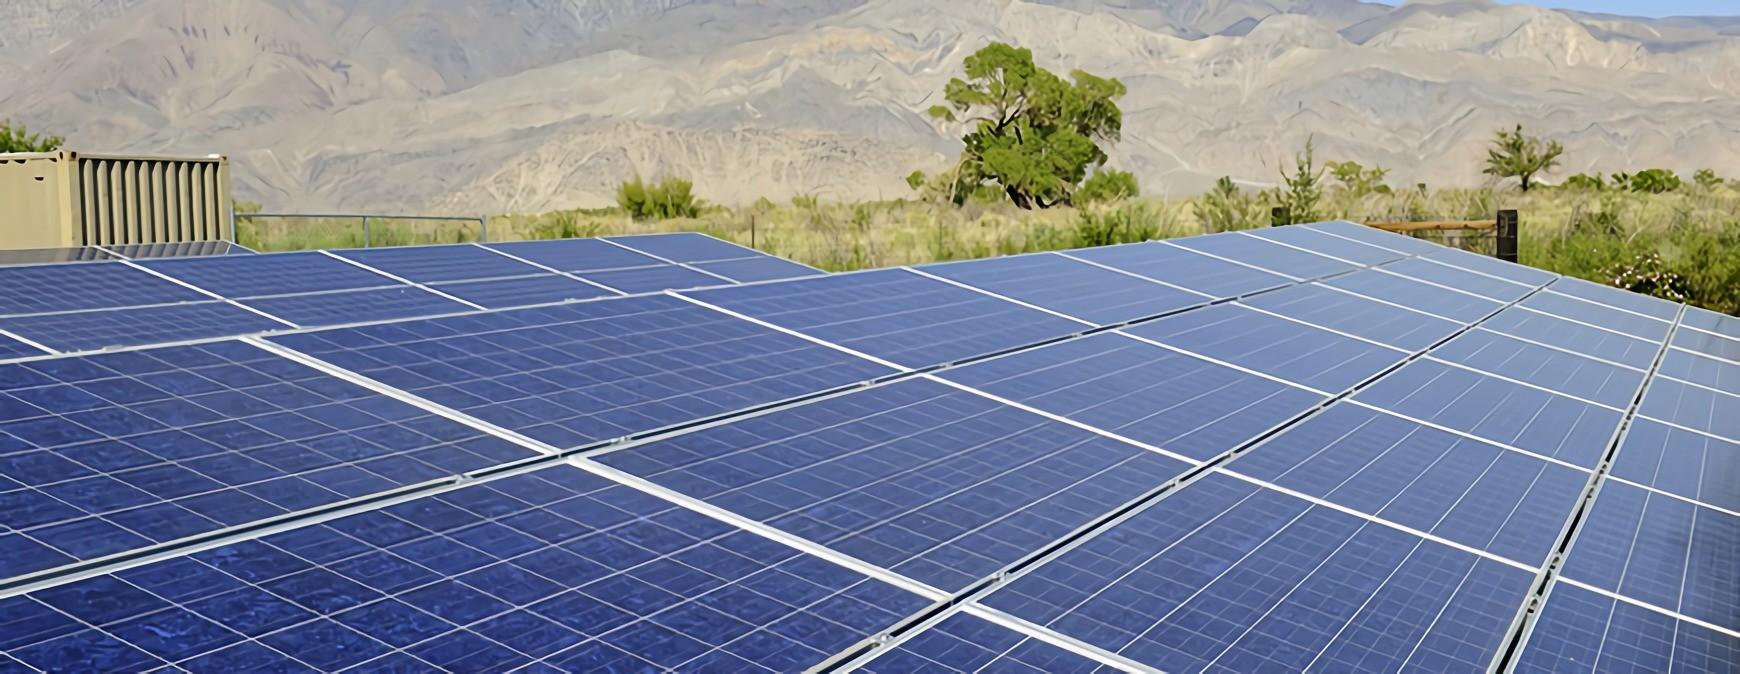 california solar training